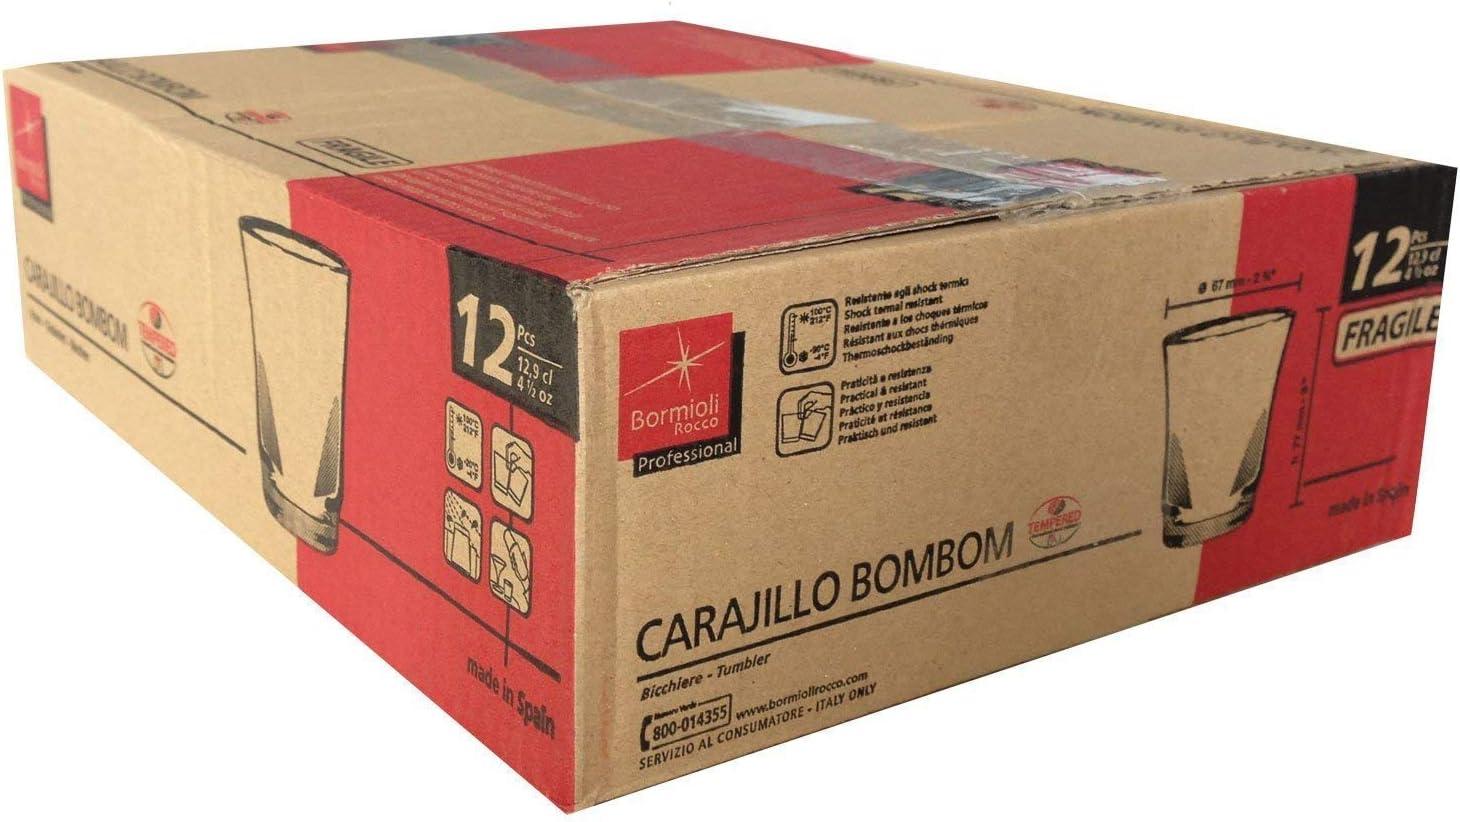 Caja 12 Vasos Carajillo Transparentes - para Bombon o Cortado Café Expreso Tazas Nespresso 12,9cl 4,5 oz - Bormioli Rocco